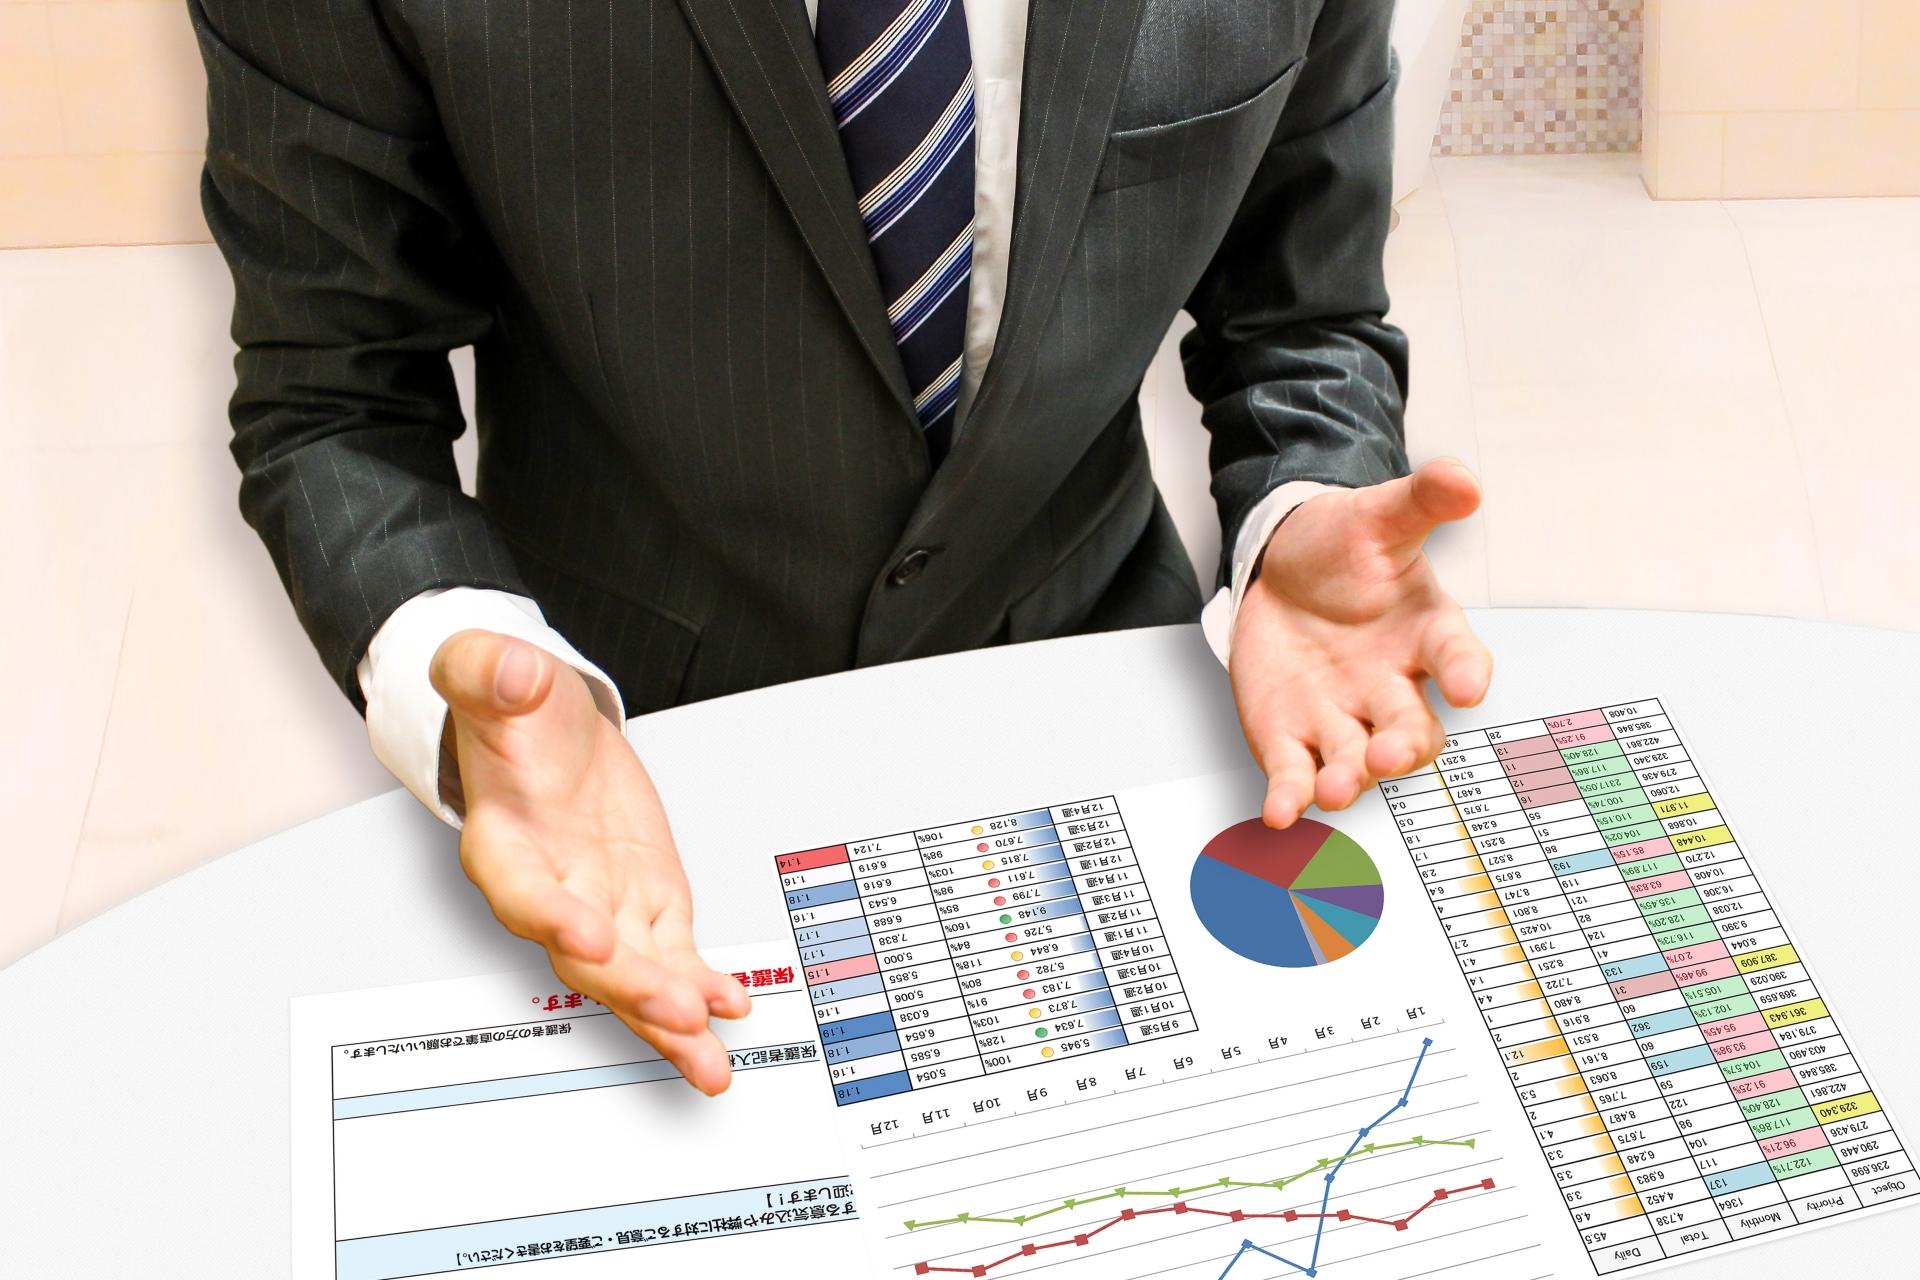 個人事業主が気になる税務調査。対策や時期をチェックして備えよう